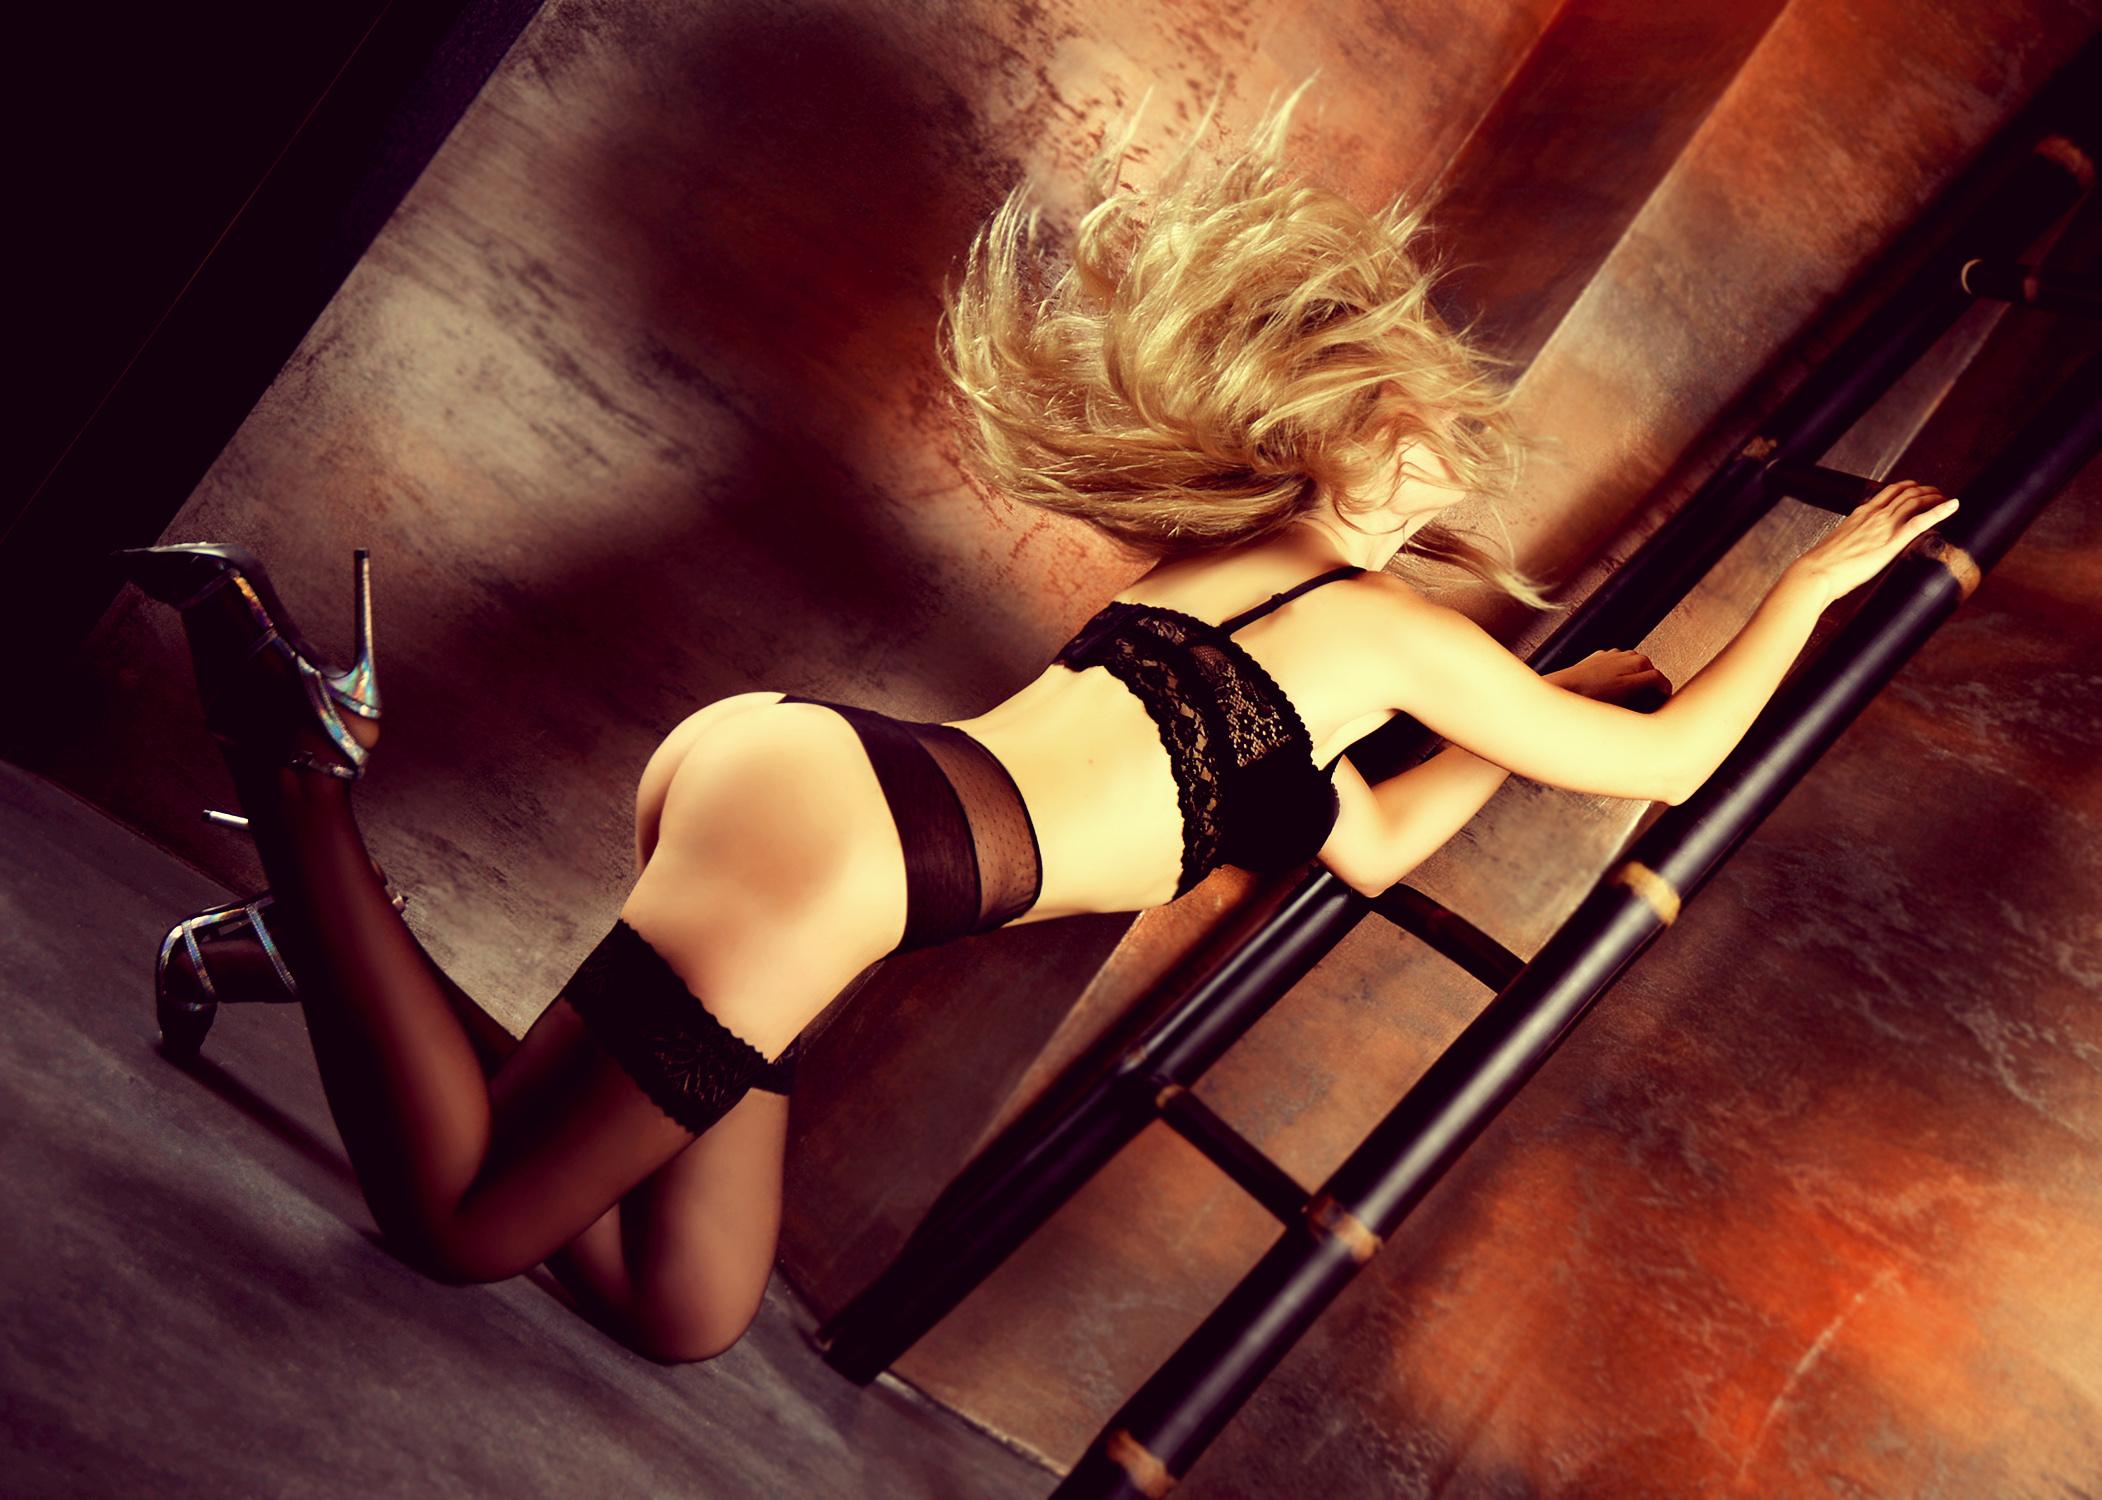 erziehung des sklaven villa erotica